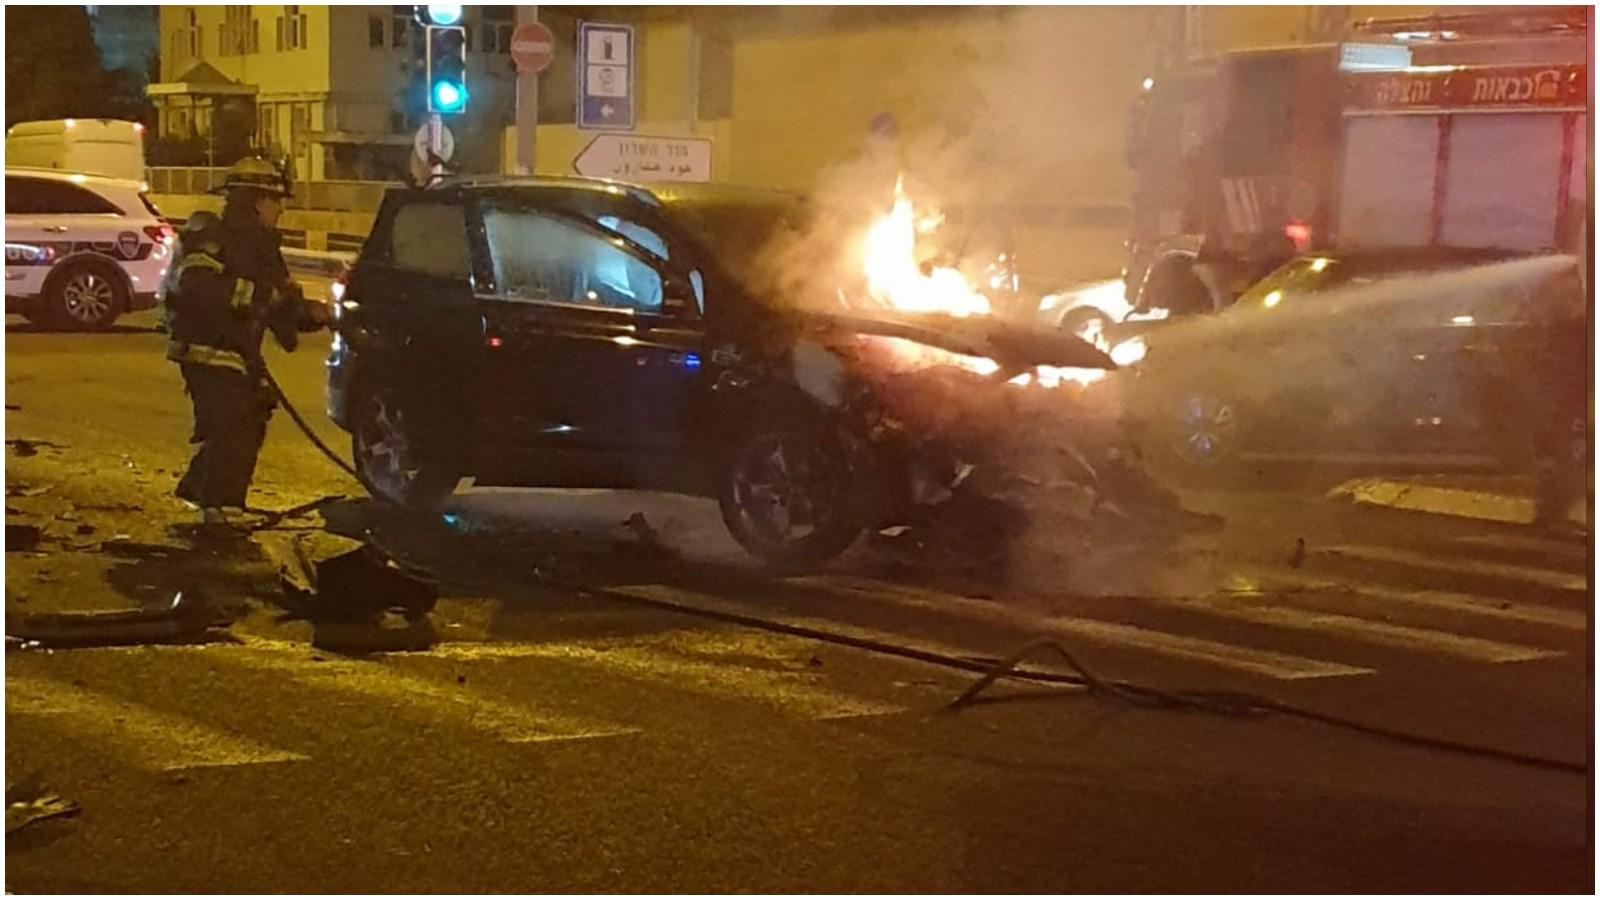 רכב בוער לאחר תאונה בצומת רעננה. צילום תיעוד מבצעי כבאות והצלה